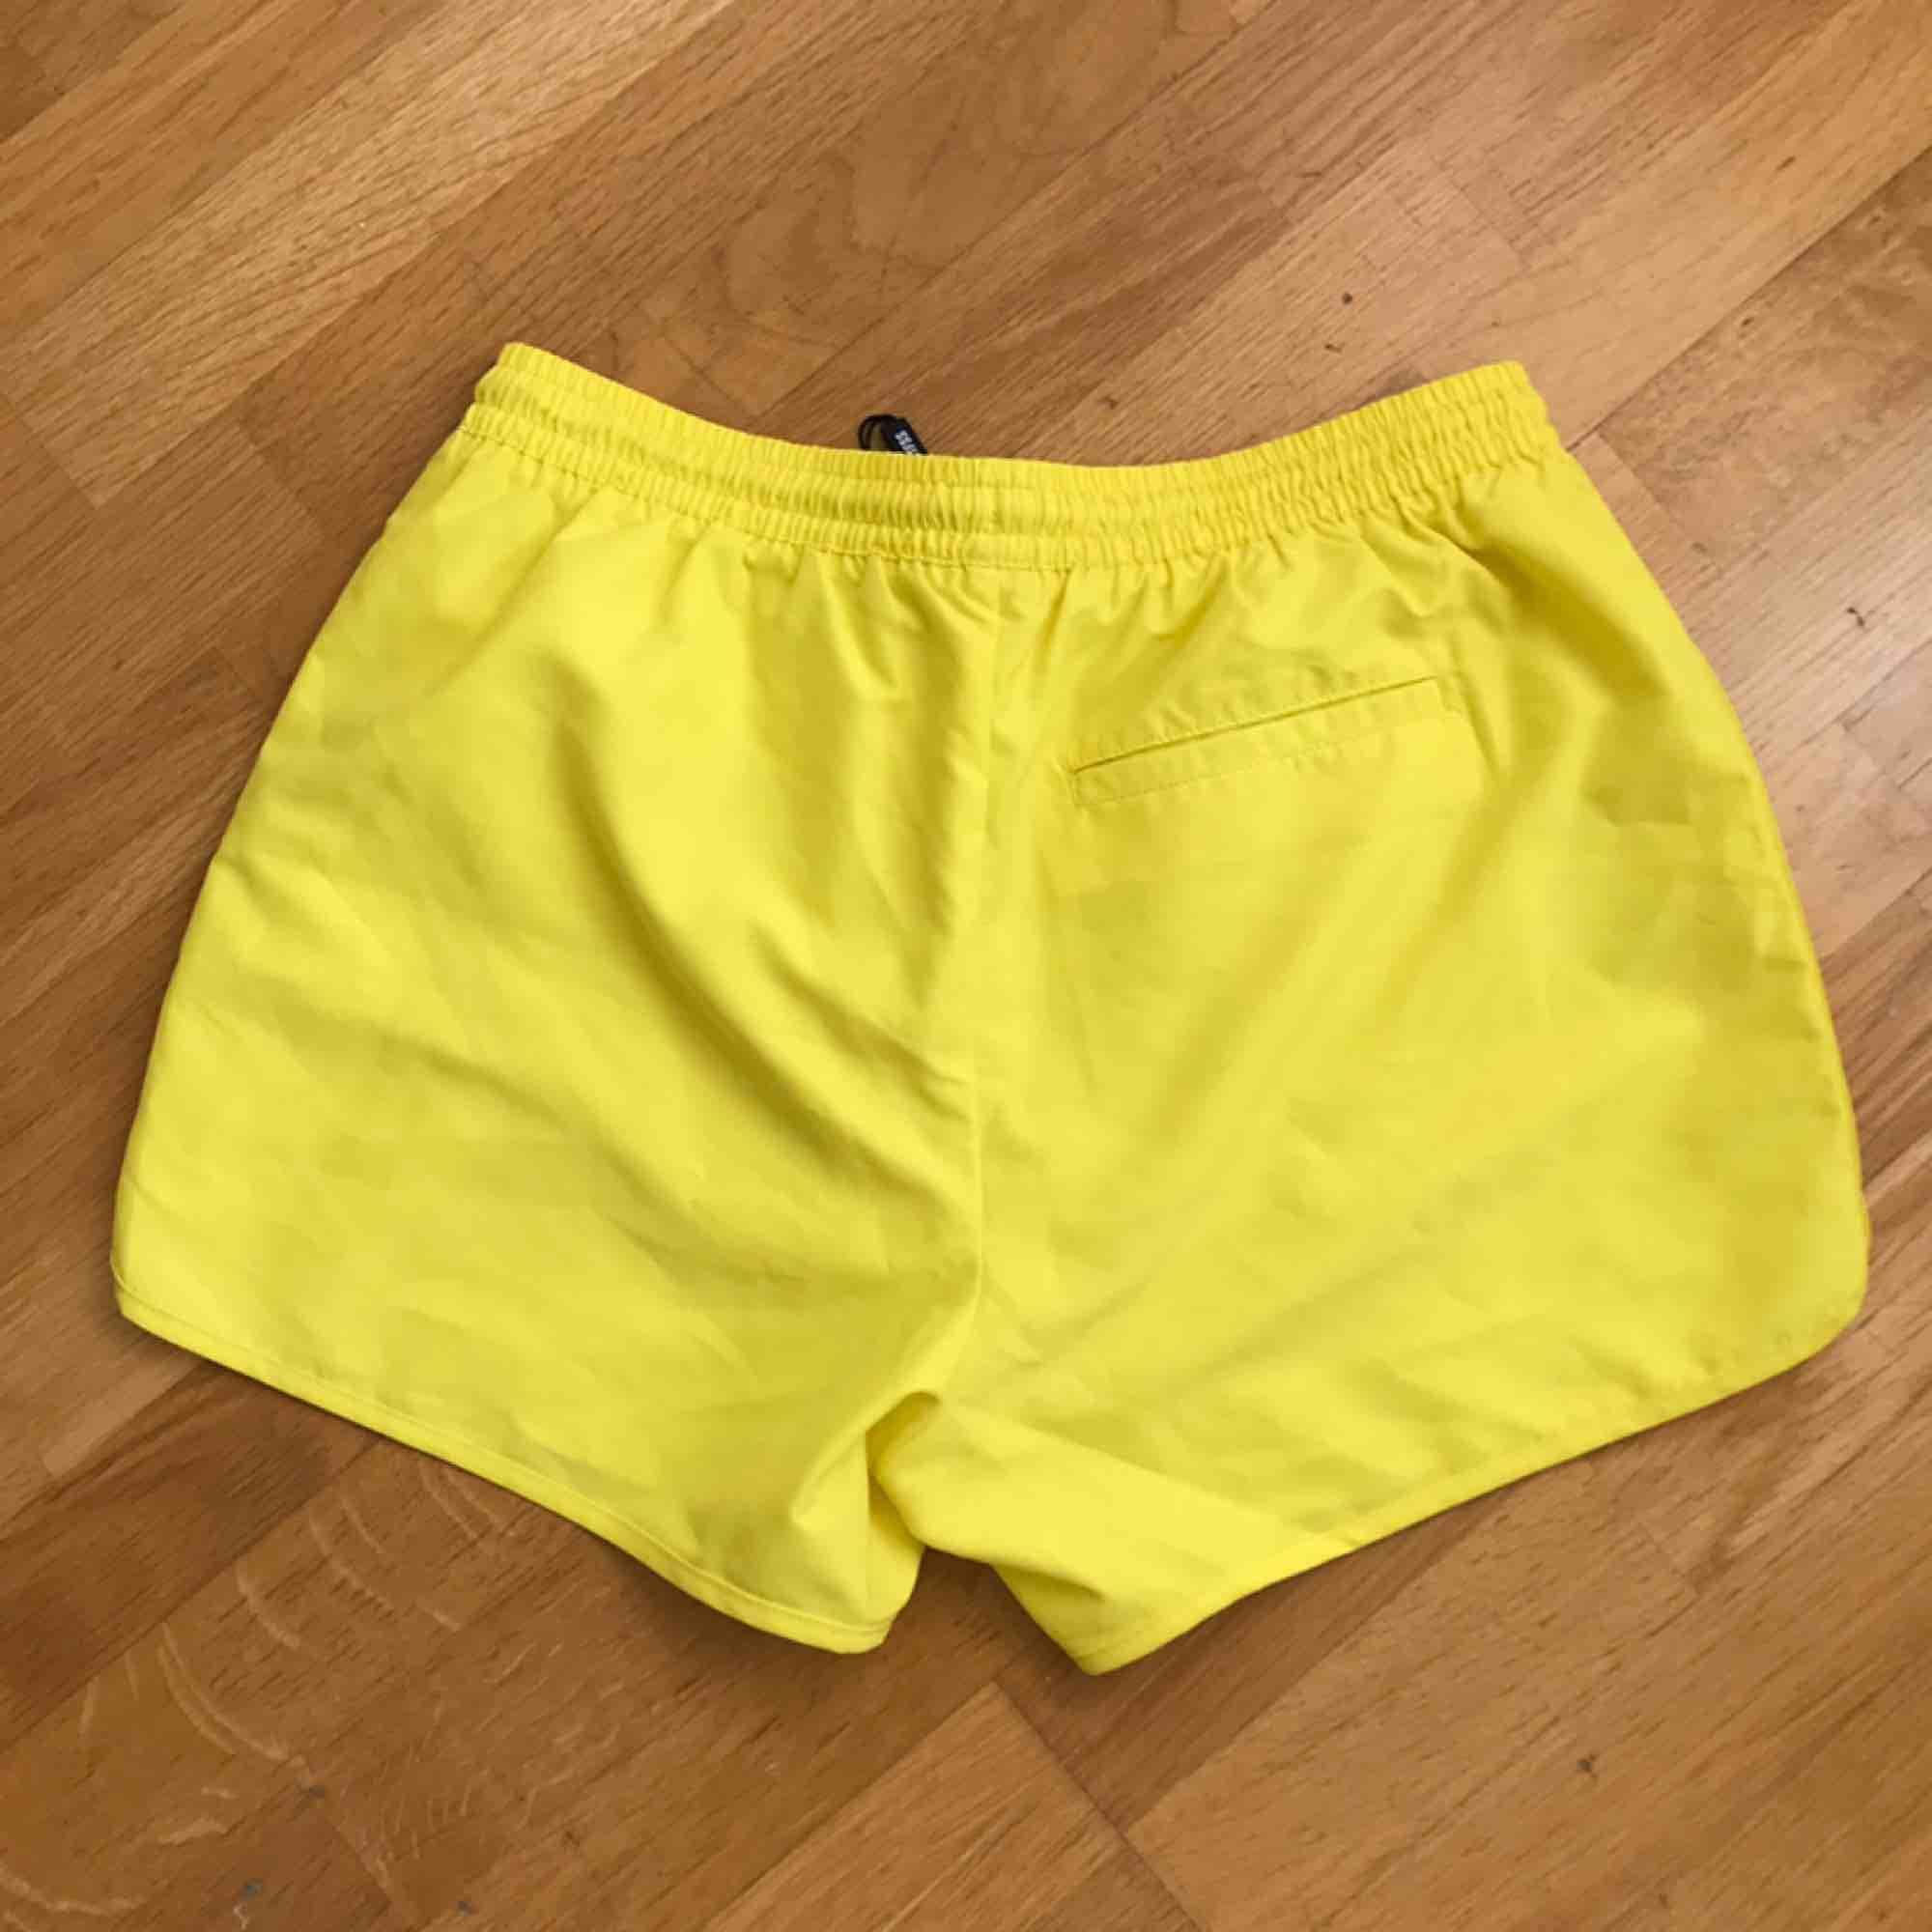 Helt nya badbyxor från Weekday i neon gult! Går att hämta på Södermalm annars tillkommer frakt på 30 kr. Accessoarer.